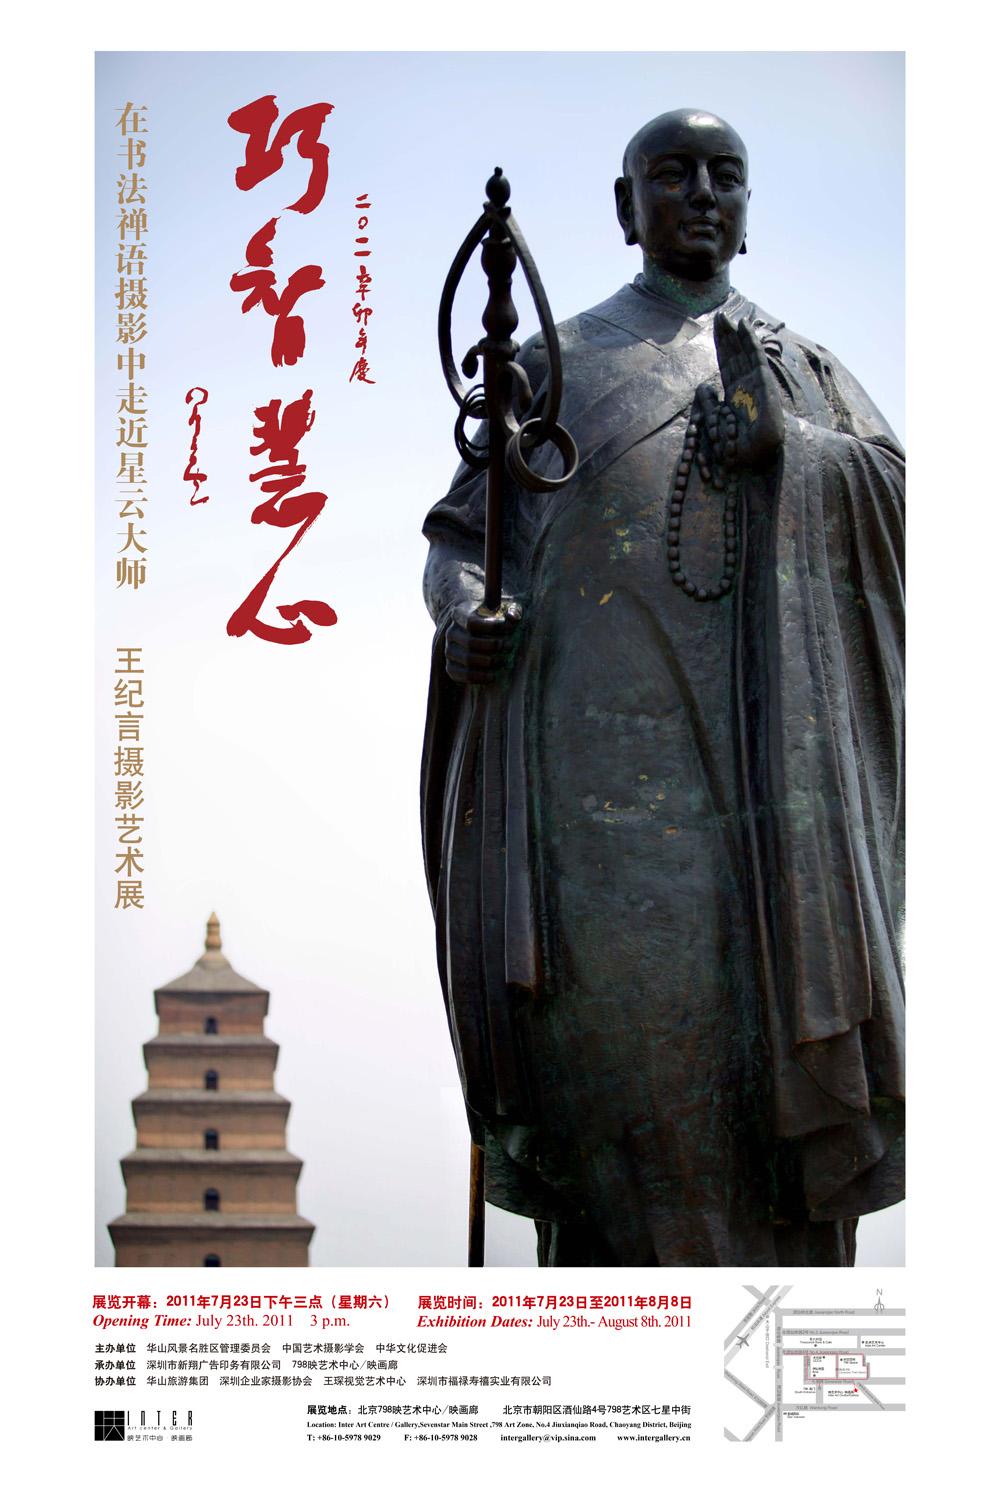 2011-7-王纪言-巧智慧心-灯箱7.14打印文件x.jpg